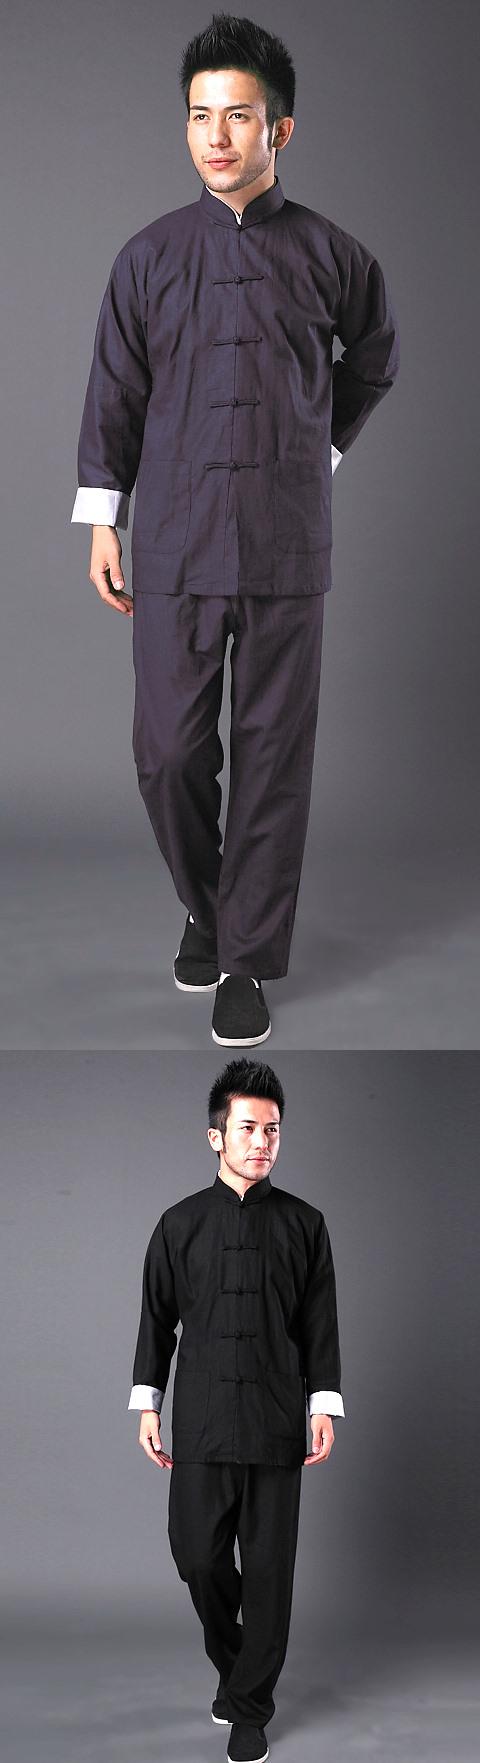 特價品-長袖棉麻短褂連褲